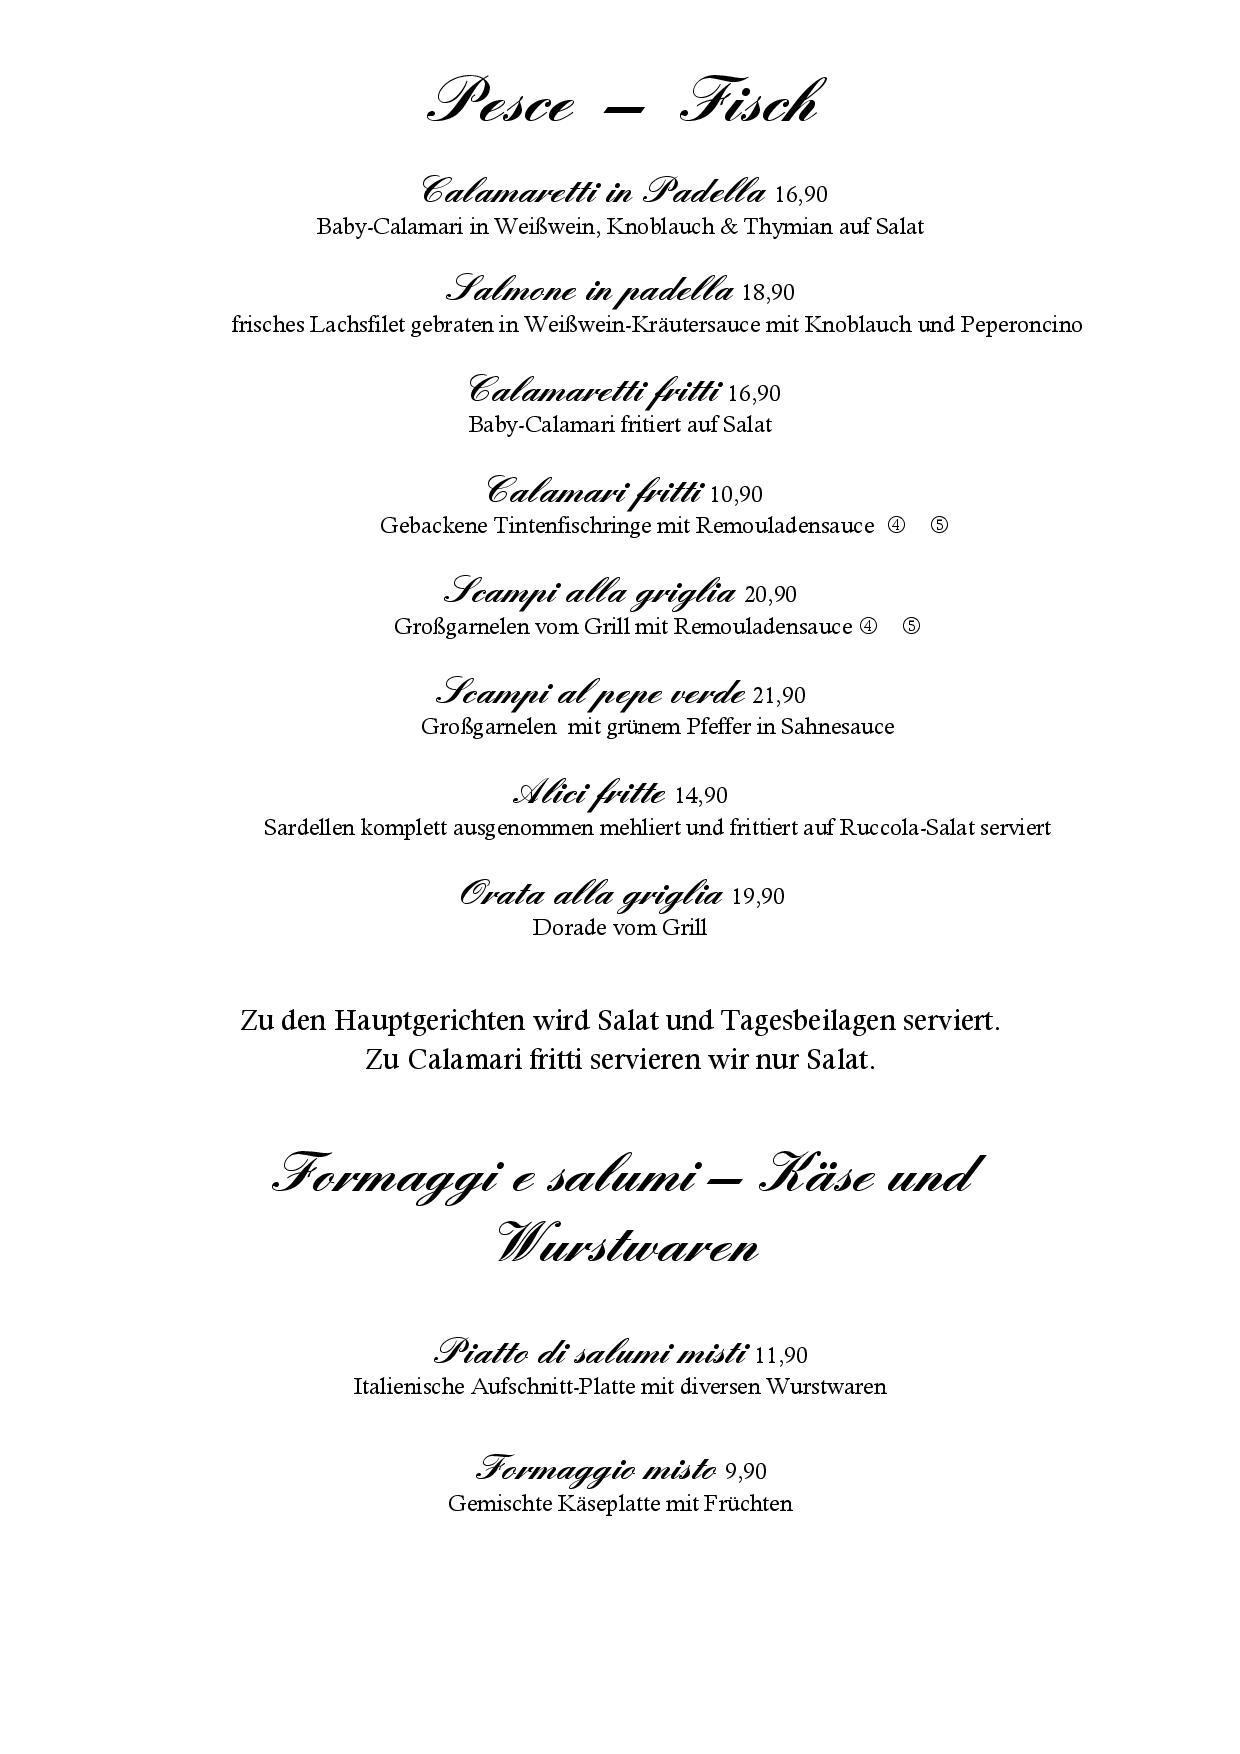 speisekarte-marinella-15-5-21-page-009